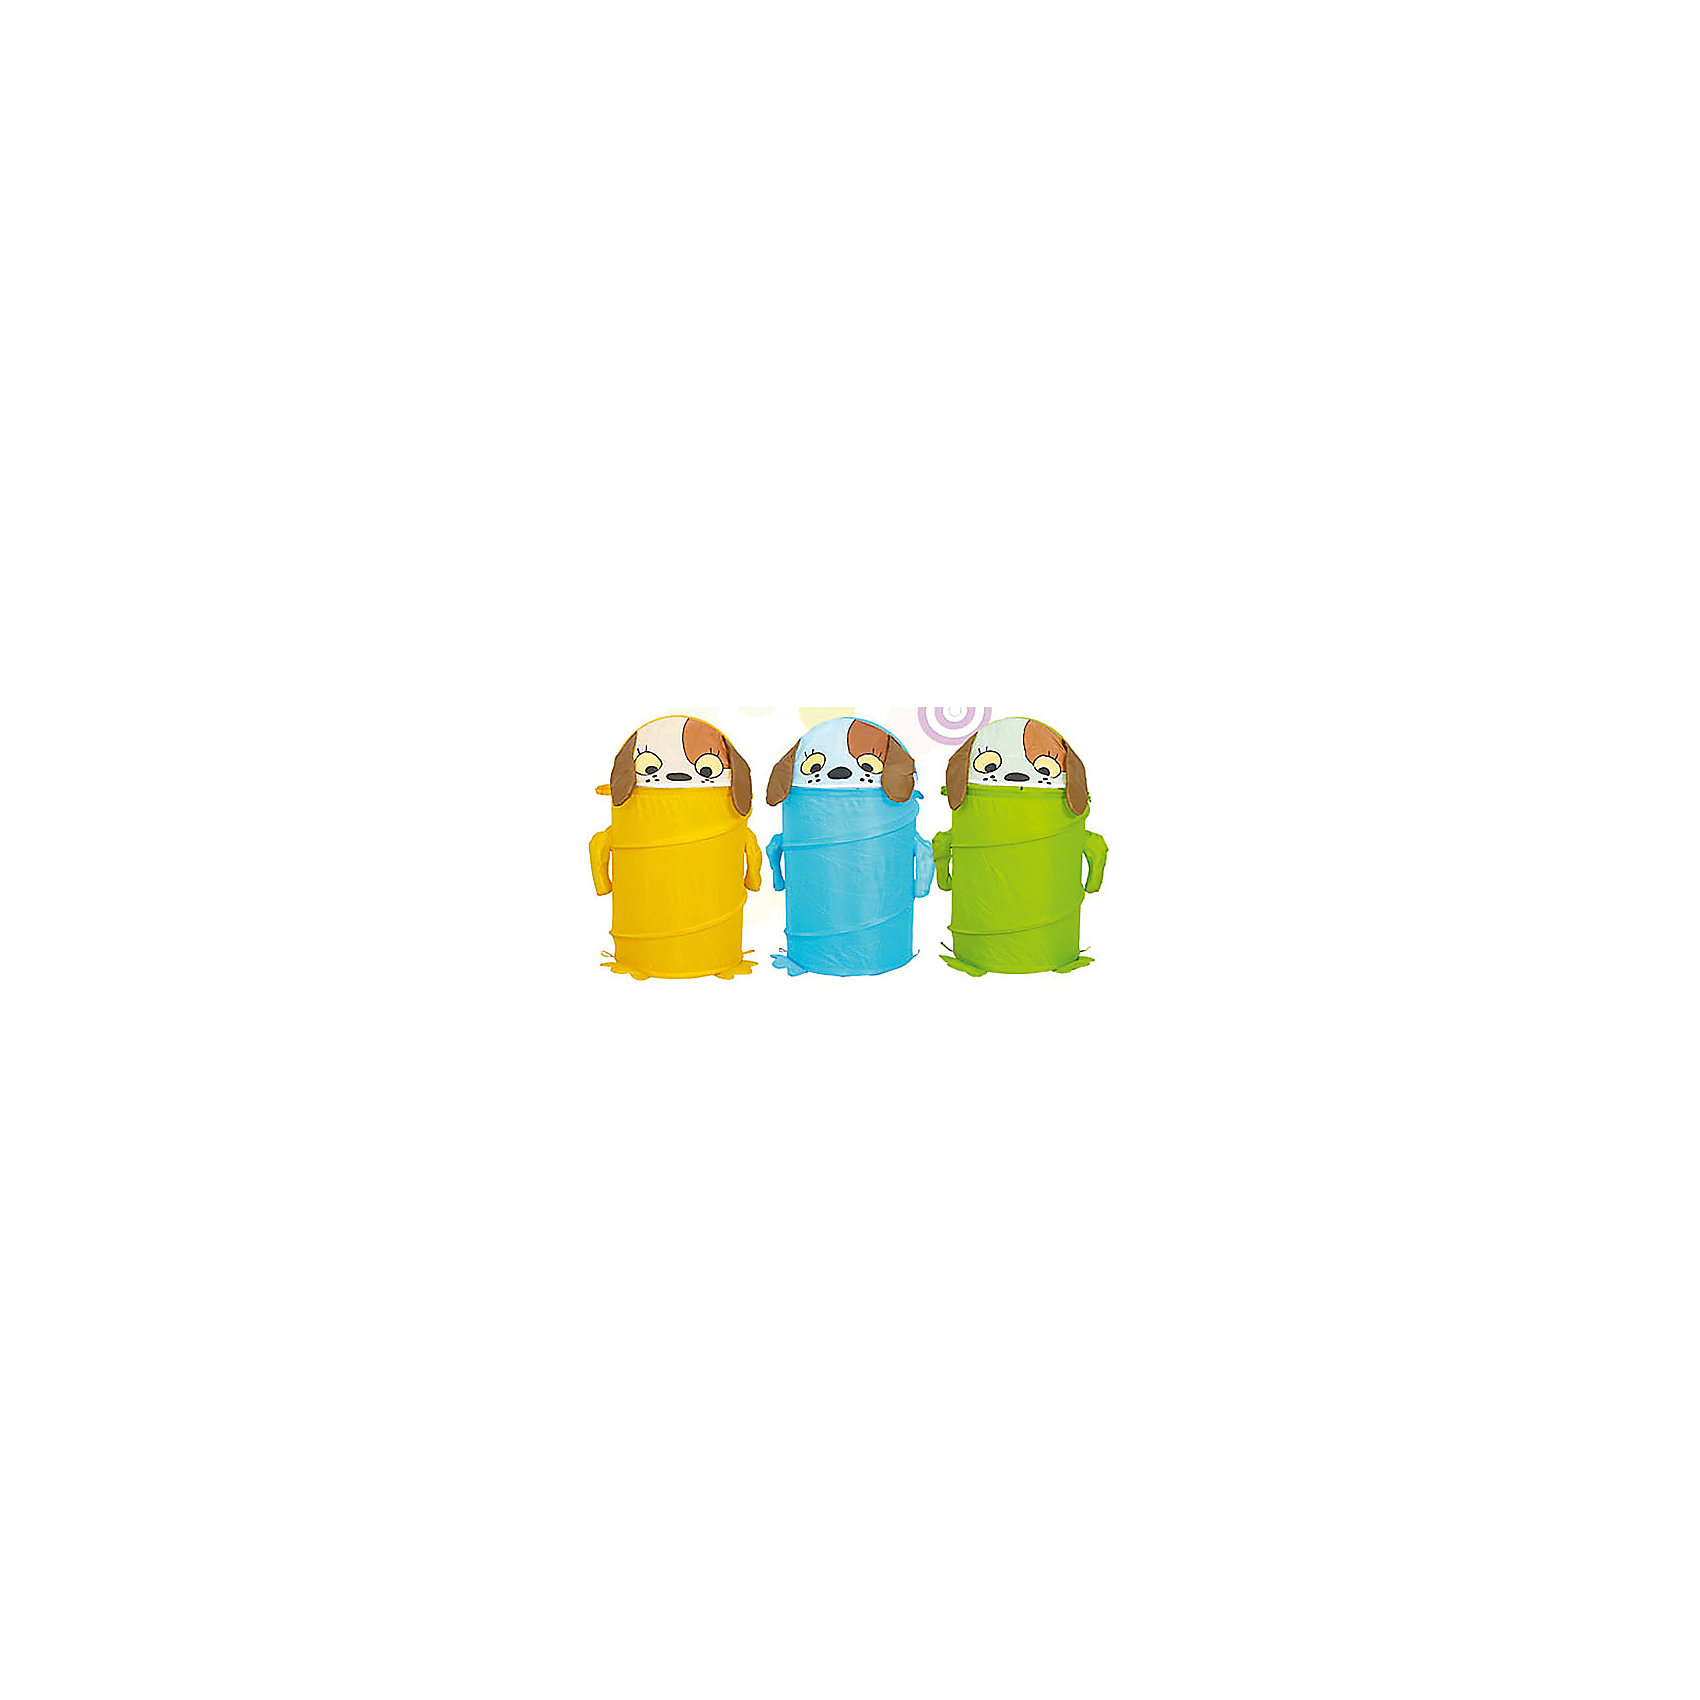 Корзина для игрушек Щенок (в ассортименте)Корзина для игрушек Щенок (в ассортименте) – эта функциональная корзина для хранения игрушек очень удобна и практична.<br>Яркая и вместительная корзина для хранения игрушек Щенок украсит интерьер детской комнаты. Эта забавная корзина поможет сделать процесс уборки игрушек более увлекательным и приучит ребёнка к порядку и аккуратности. Выполнена из лёгкого и плотного материала, прочная, легко стирается и проста в сборке, каркас – металлическая пружинная вставка, хорошо держащая форму. Корзина очень удобная, легкая и не занимает много места. Крышка закрывается на «липучку». Для удобства предусмотрены ручки, за которые можно переносить корзину.<br><br>Дополнительная информация:<br><br>- Цвет в ассортименте<br>- Размер: 43х60 см.<br>- ВНИМАНИЕ! Данный товар представлен в ассортименте. К сожалению, предварительный выбор невозможен. При заказе нескольких единиц данного товара, возможно получение одинаковых<br><br>Корзина для игрушек Щенок (в ассортименте) - теперь всем игрушкам найдется место.<br><br>Корзину для игрушек Щенок (в ассортименте) можно купить в нашем интернет-магазине.<br><br>Ширина мм: 450<br>Глубина мм: 10<br>Высота мм: 10<br>Вес г: 538<br>Возраст от месяцев: 36<br>Возраст до месяцев: 96<br>Пол: Унисекс<br>Возраст: Детский<br>SKU: 4083128